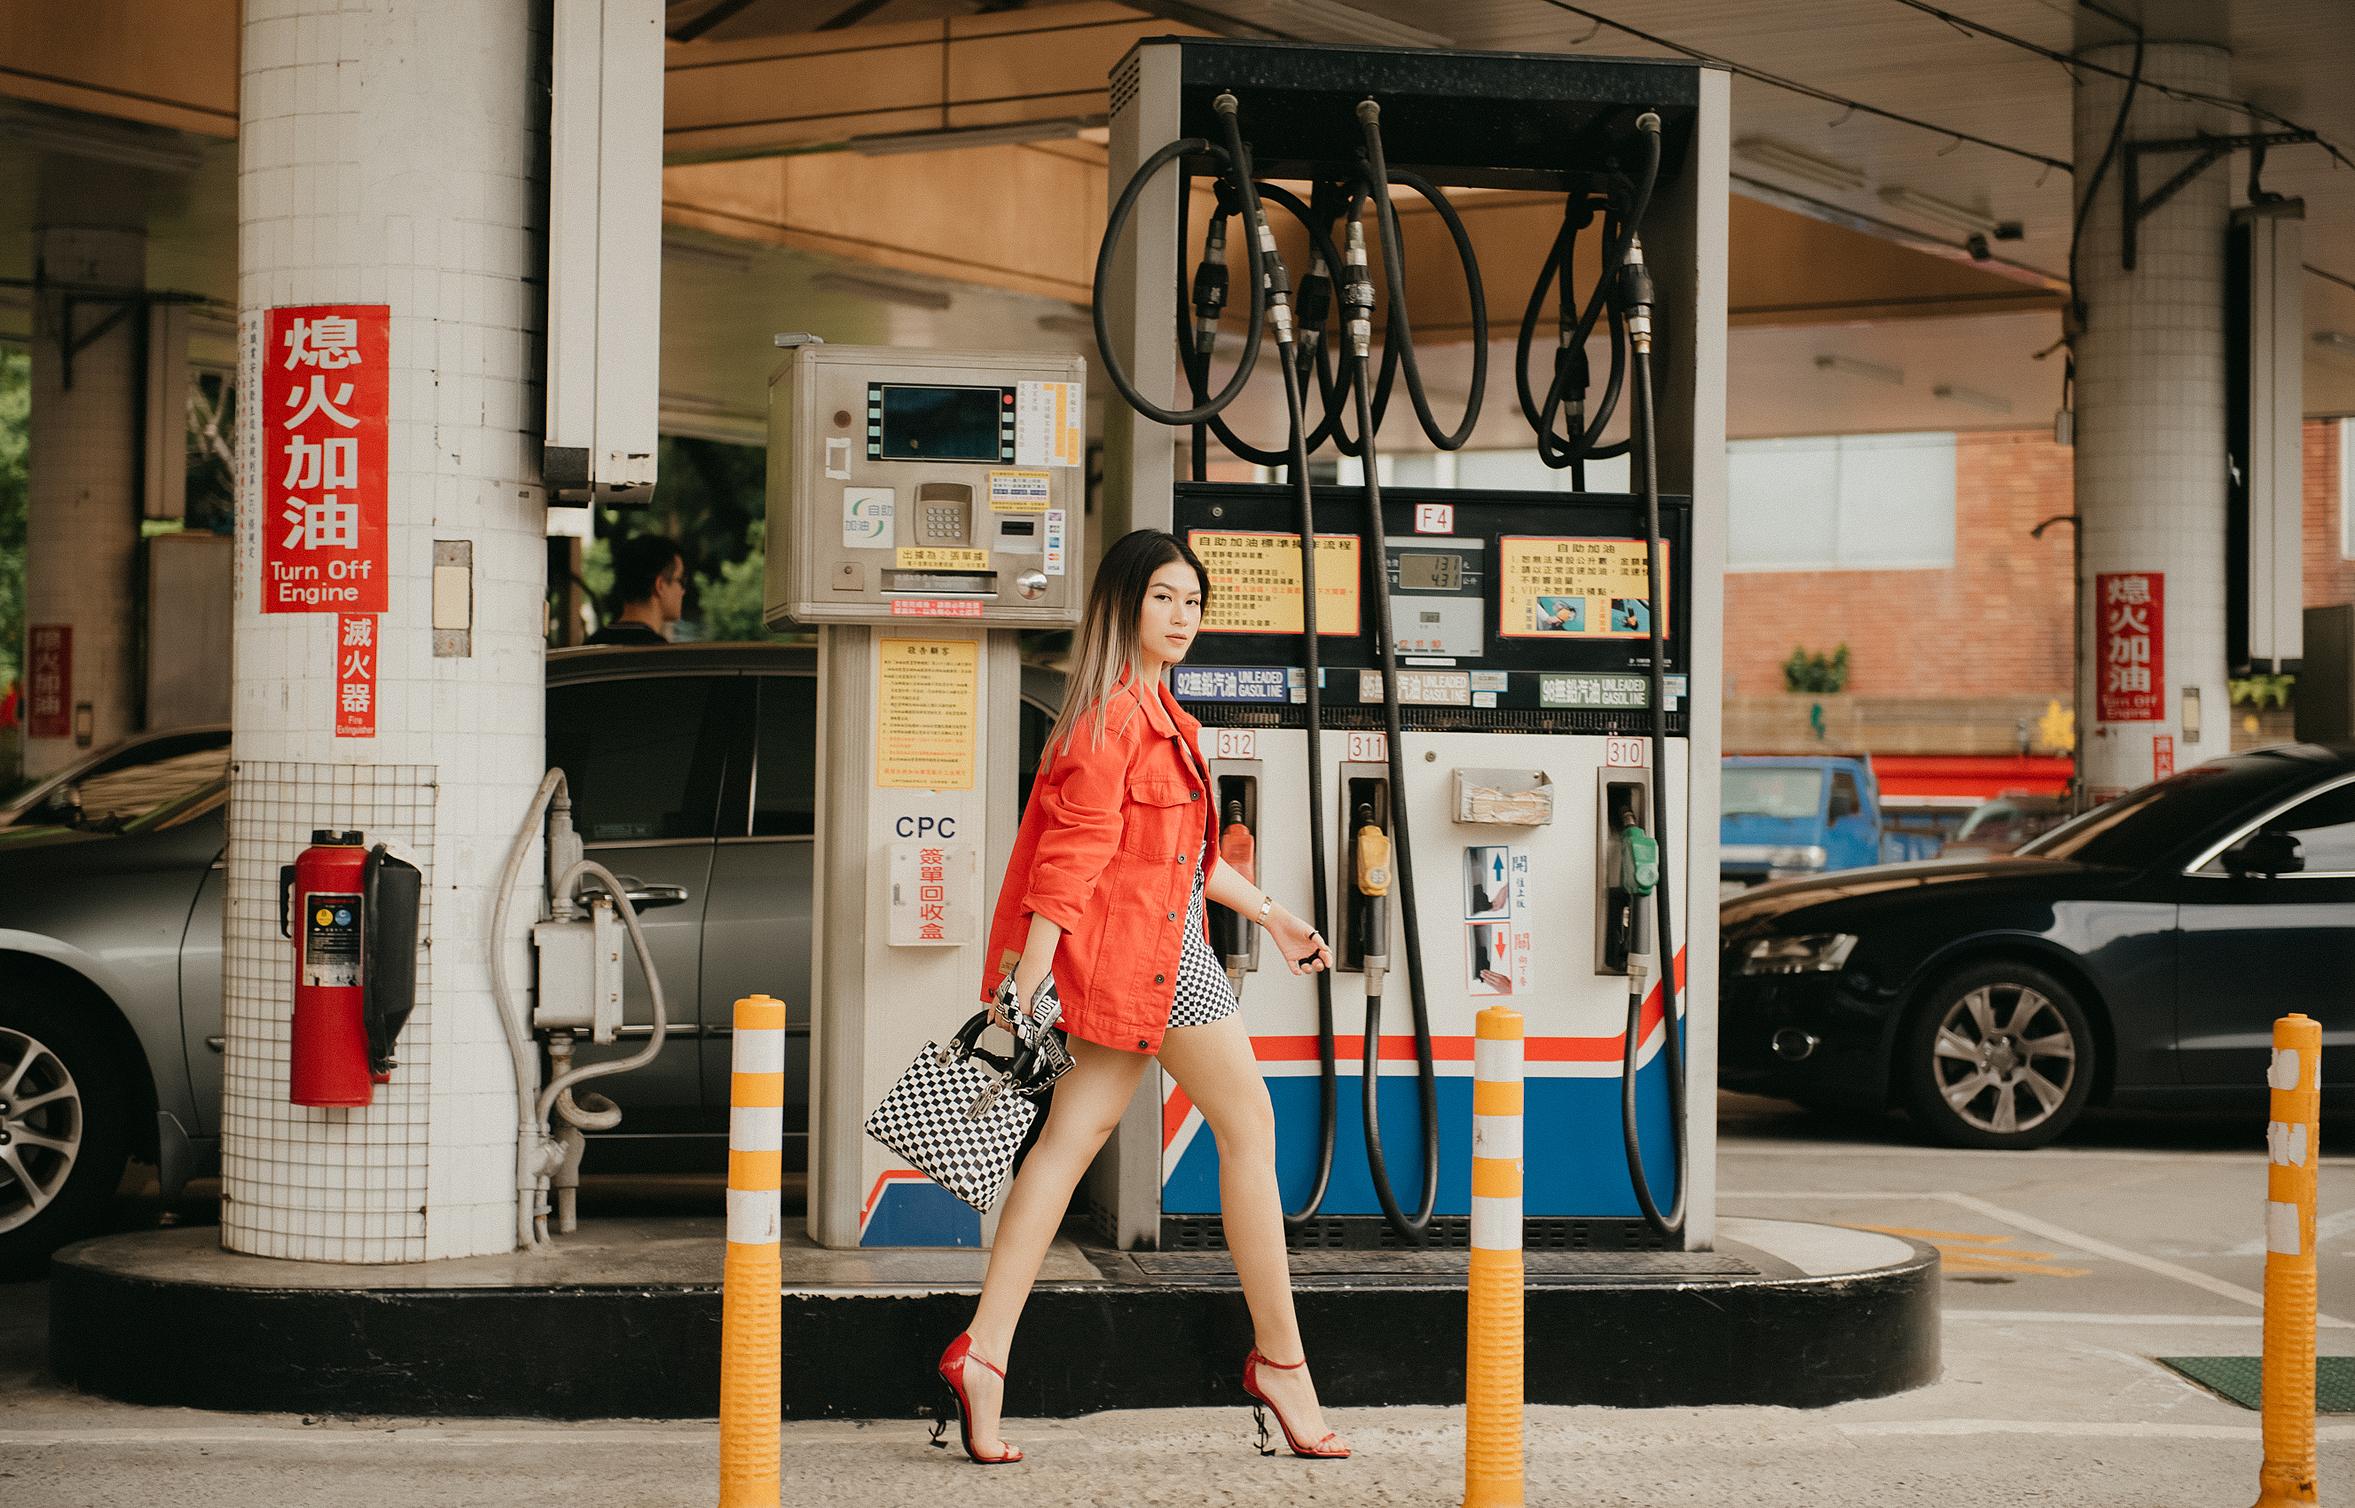 Trước đó, nữ diễn viên từng đăng tải hình ảnh dạo bước trên sàn diễn đường phố cùng đôi cao gót trứ danh từ thương hiệu Saint Yves Laurent, mẫu túi Lady Dior huyền thoại.